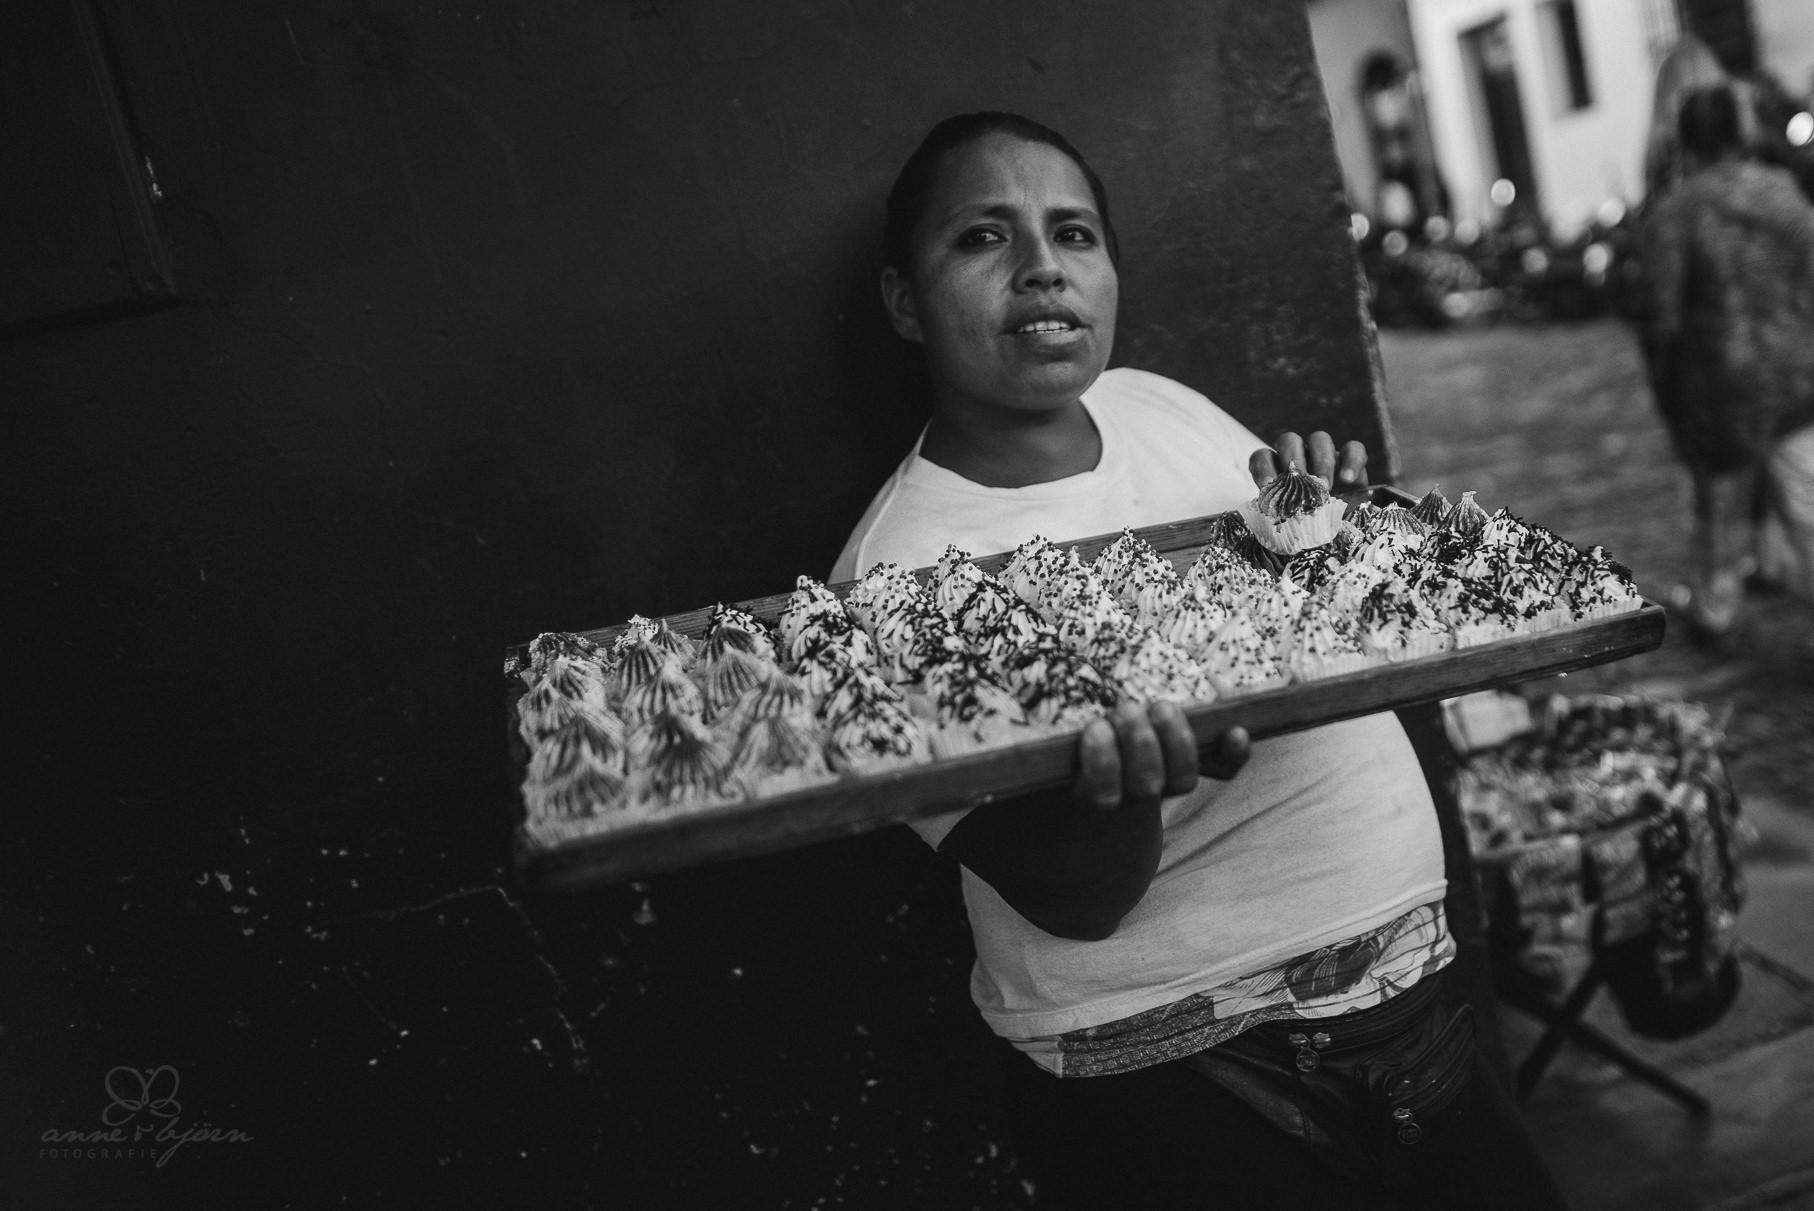 0029 anne und bjoern guatemala 811 2740 - 4 Wochen durch Guatemala - backpacking durch Mittelamerika